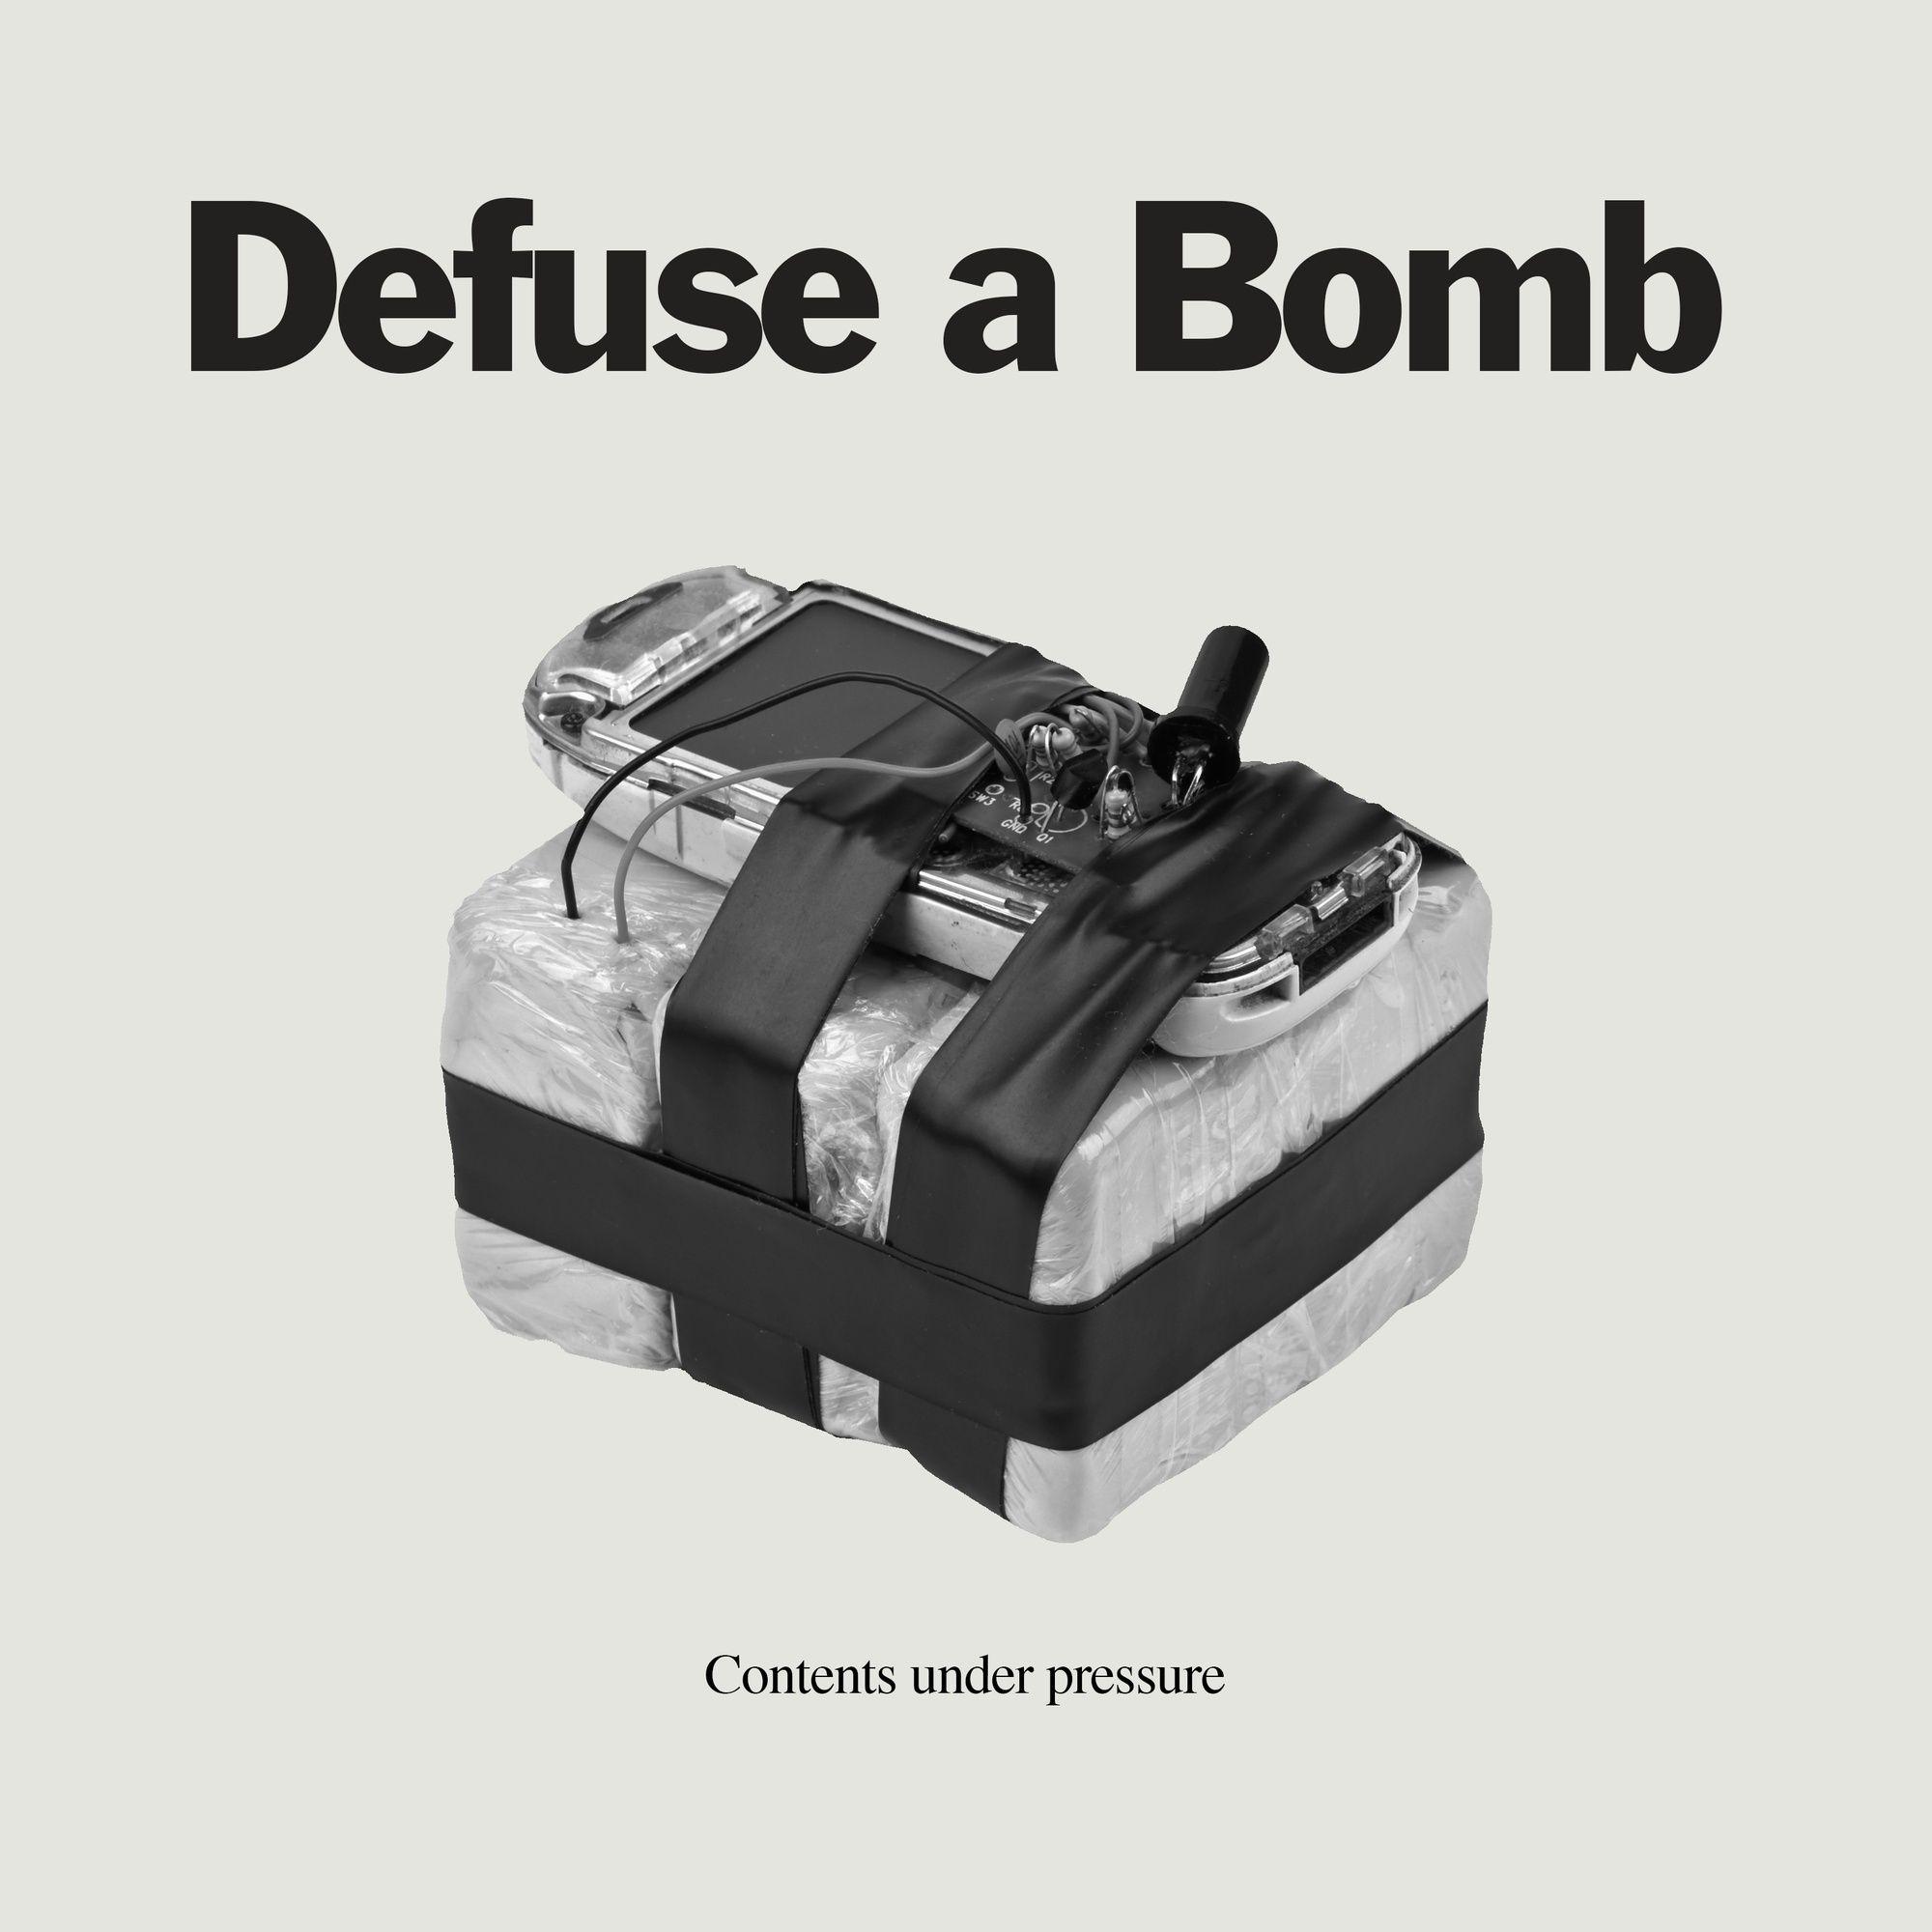 Defuse a Bomb